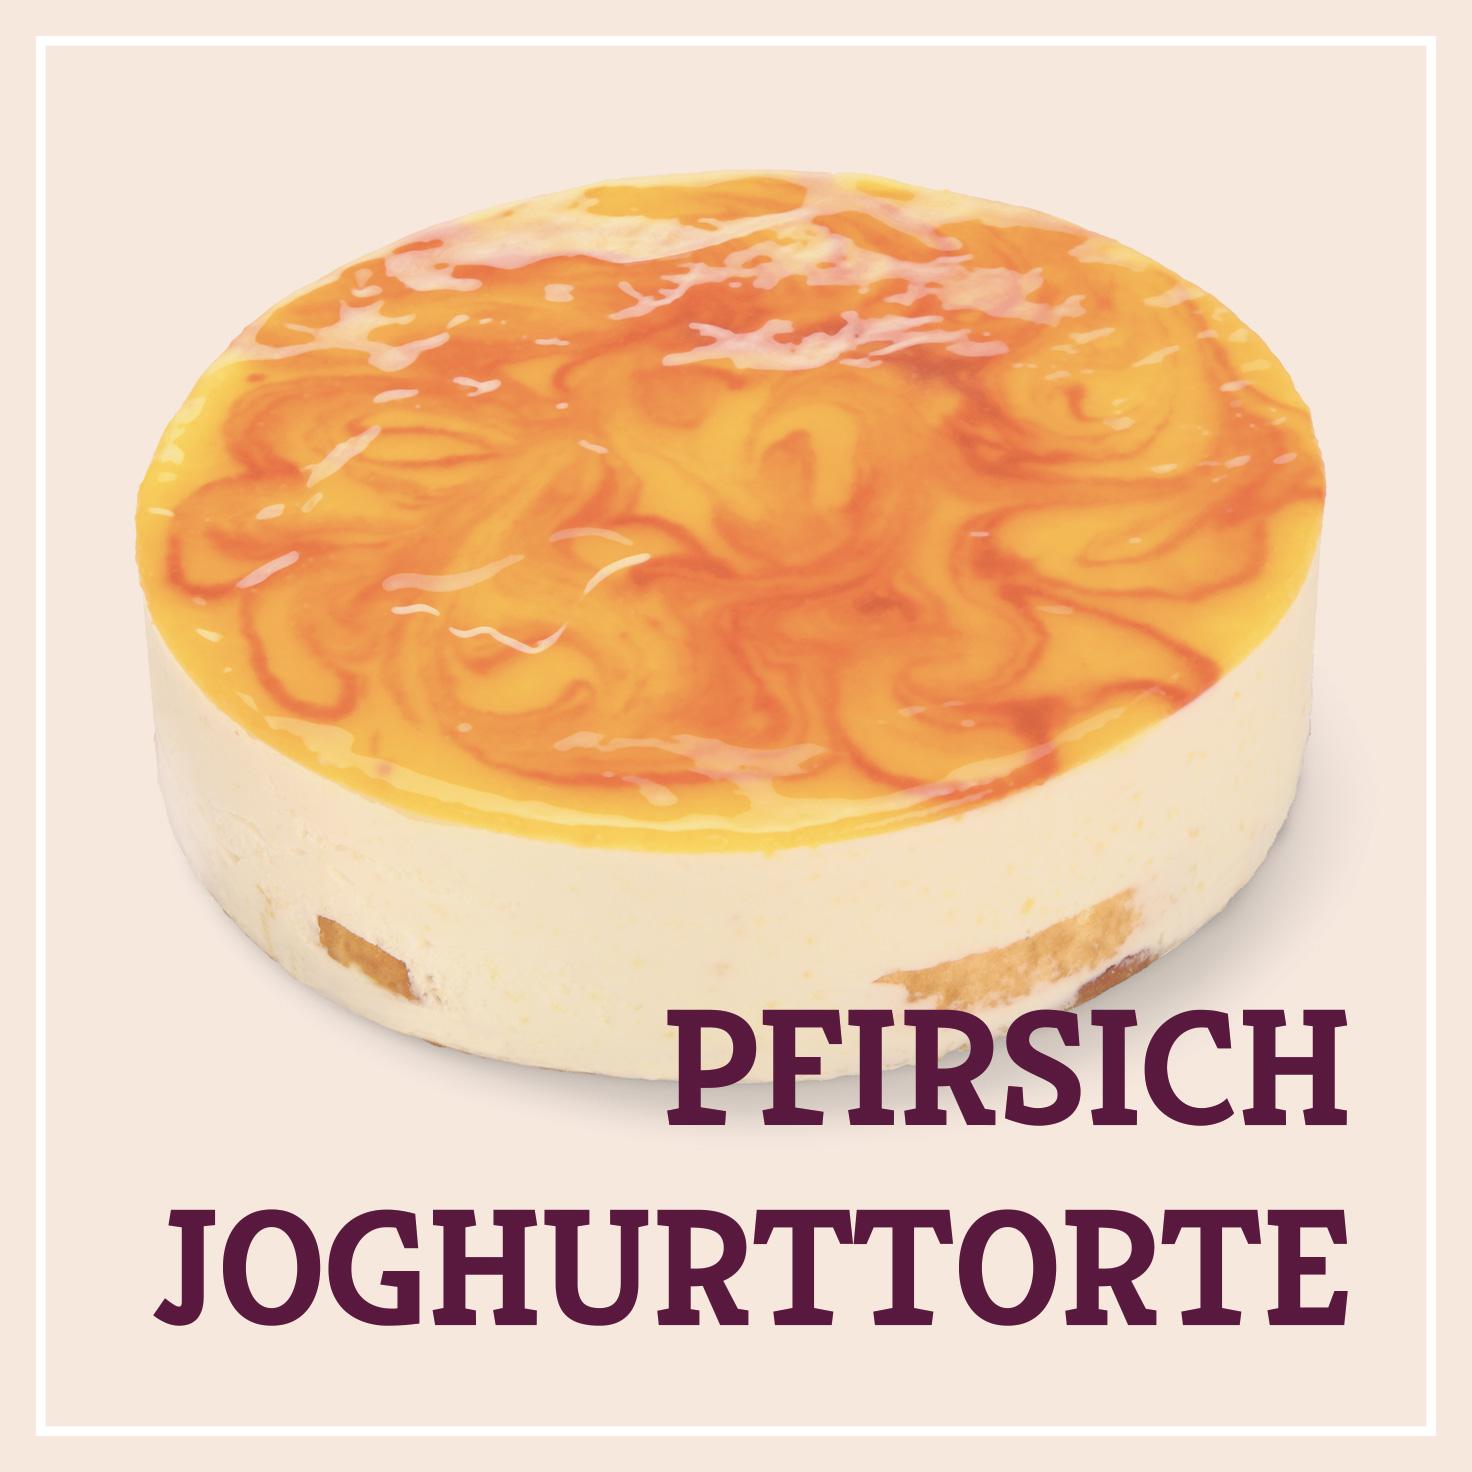 Heiss & Süß - Pfirsich-Joghurttorte